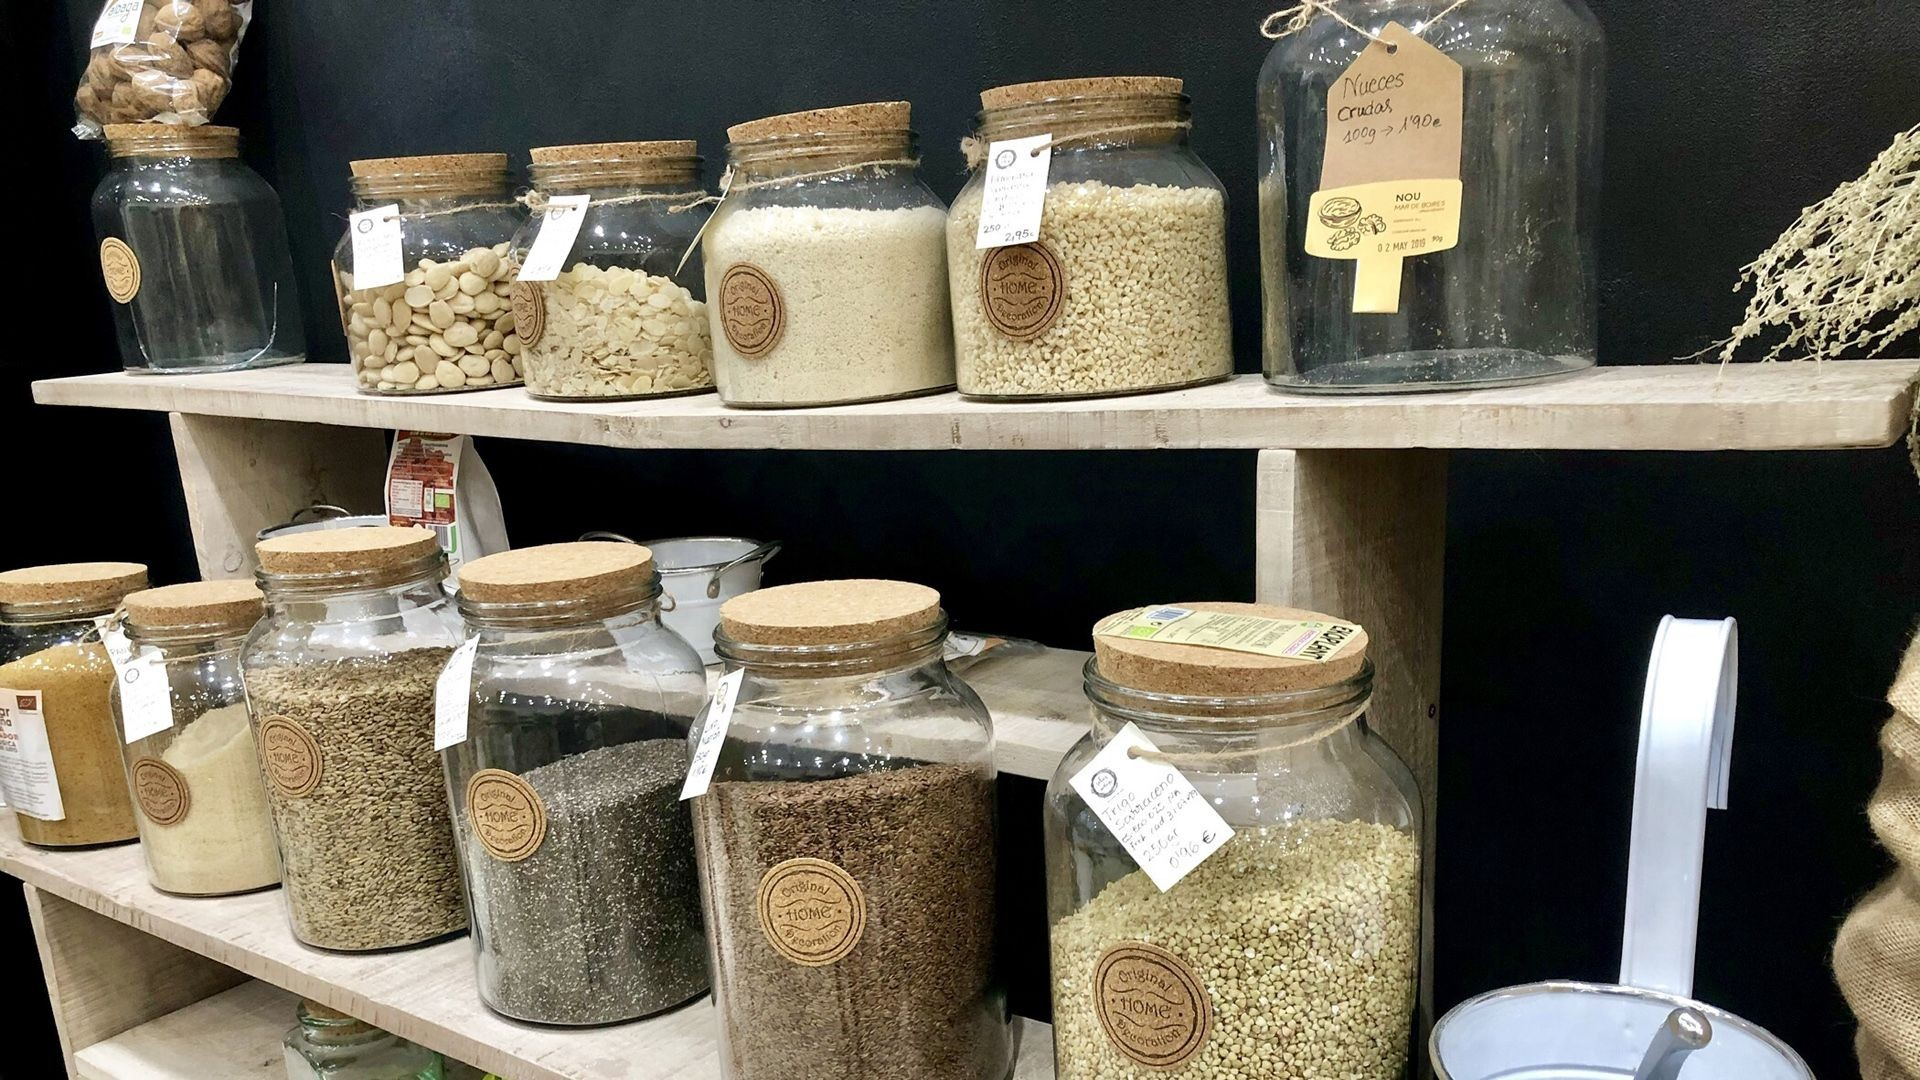 Tienda de productos ecológicos en Castellón